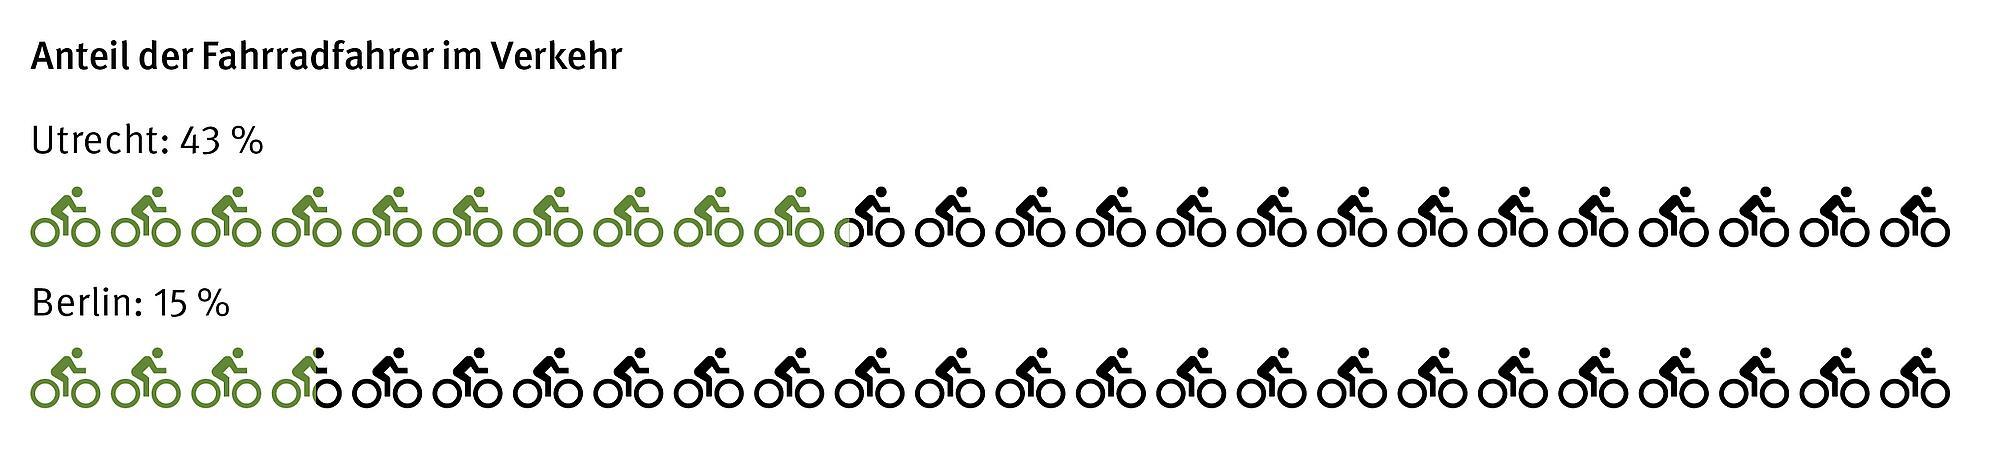 Grafik Anteil der Fahrradfahrer im Verkehr. Vergleich zwischen Utrecht und Berlin.